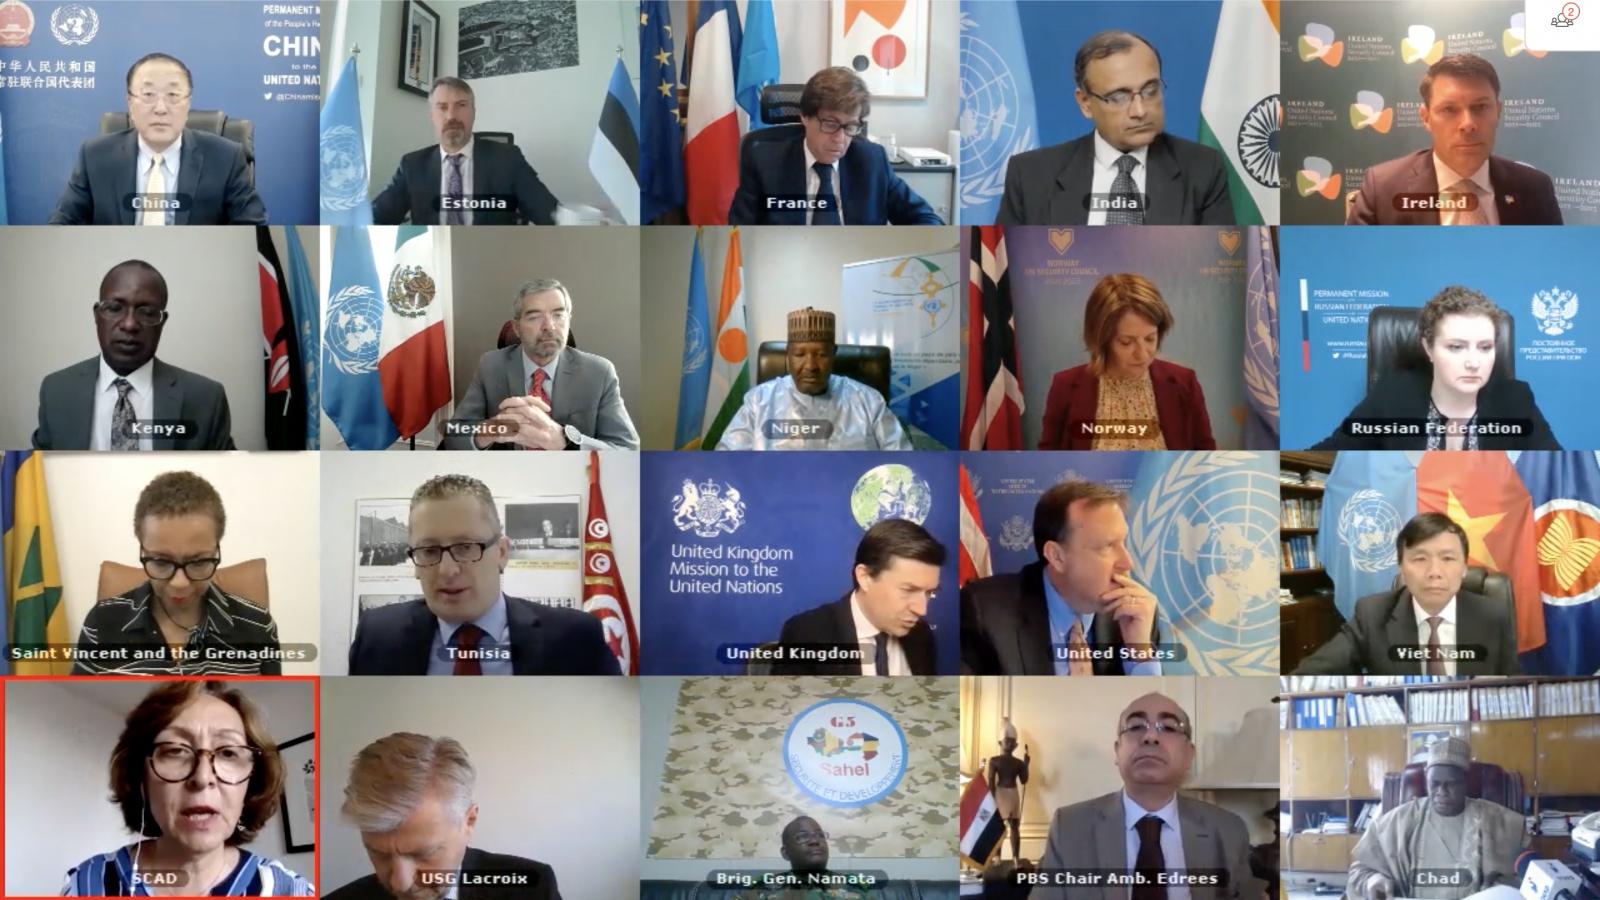 Hội đồng Bảo an thảo luận về hoạt động chống khủng bố giữa 5 nước khu vực Sahel